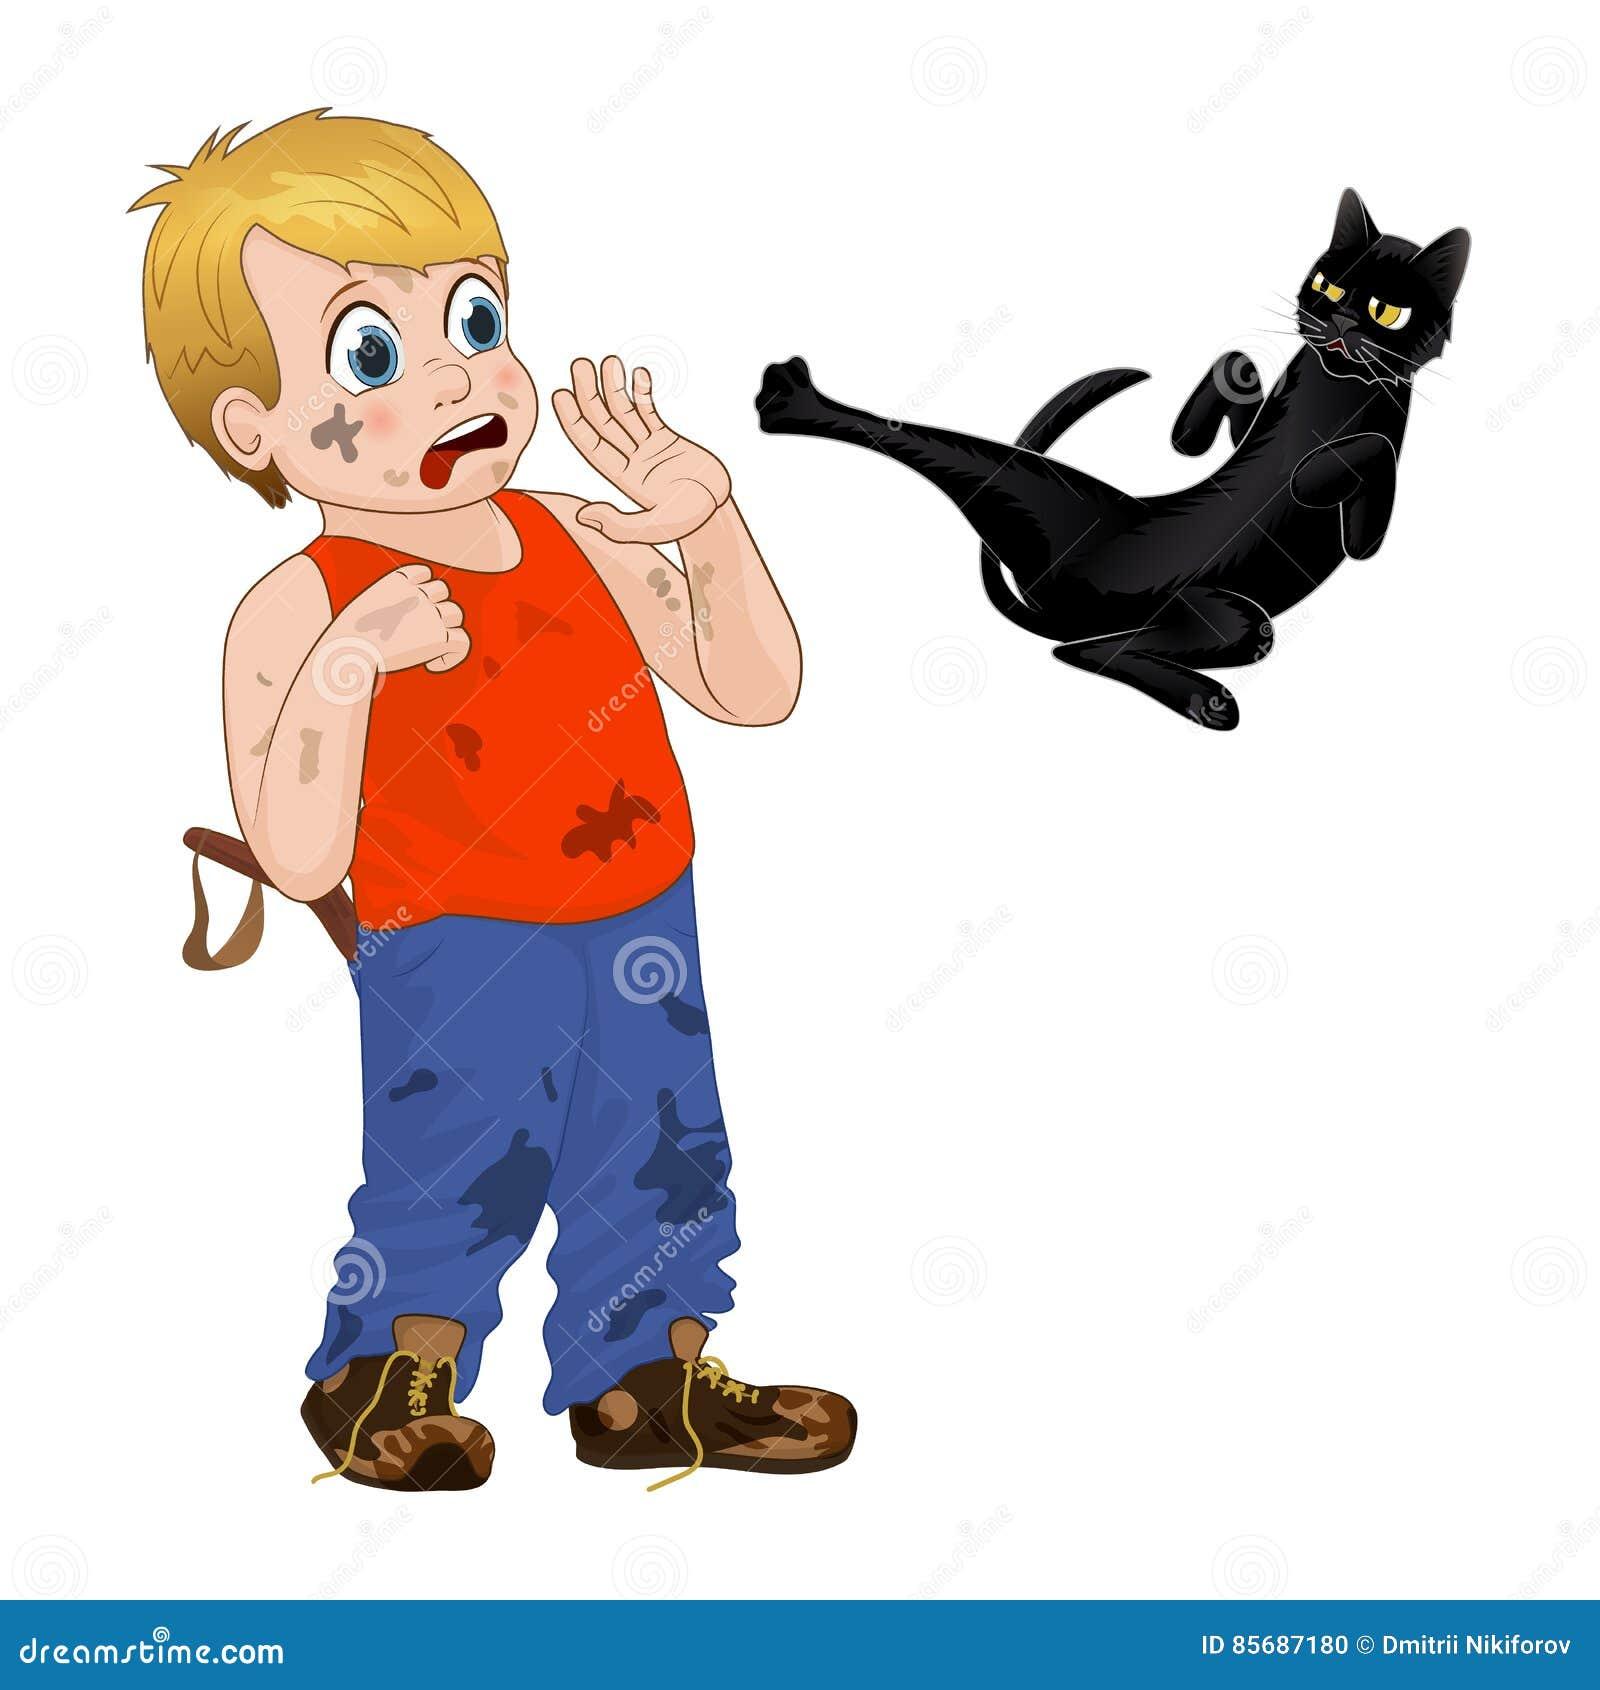 Kinderspiel draußen, netter kleiner Junge des Strolchs erschrak die schwarze Katze Lustige Zeichentrickfilm-Figur Vektor